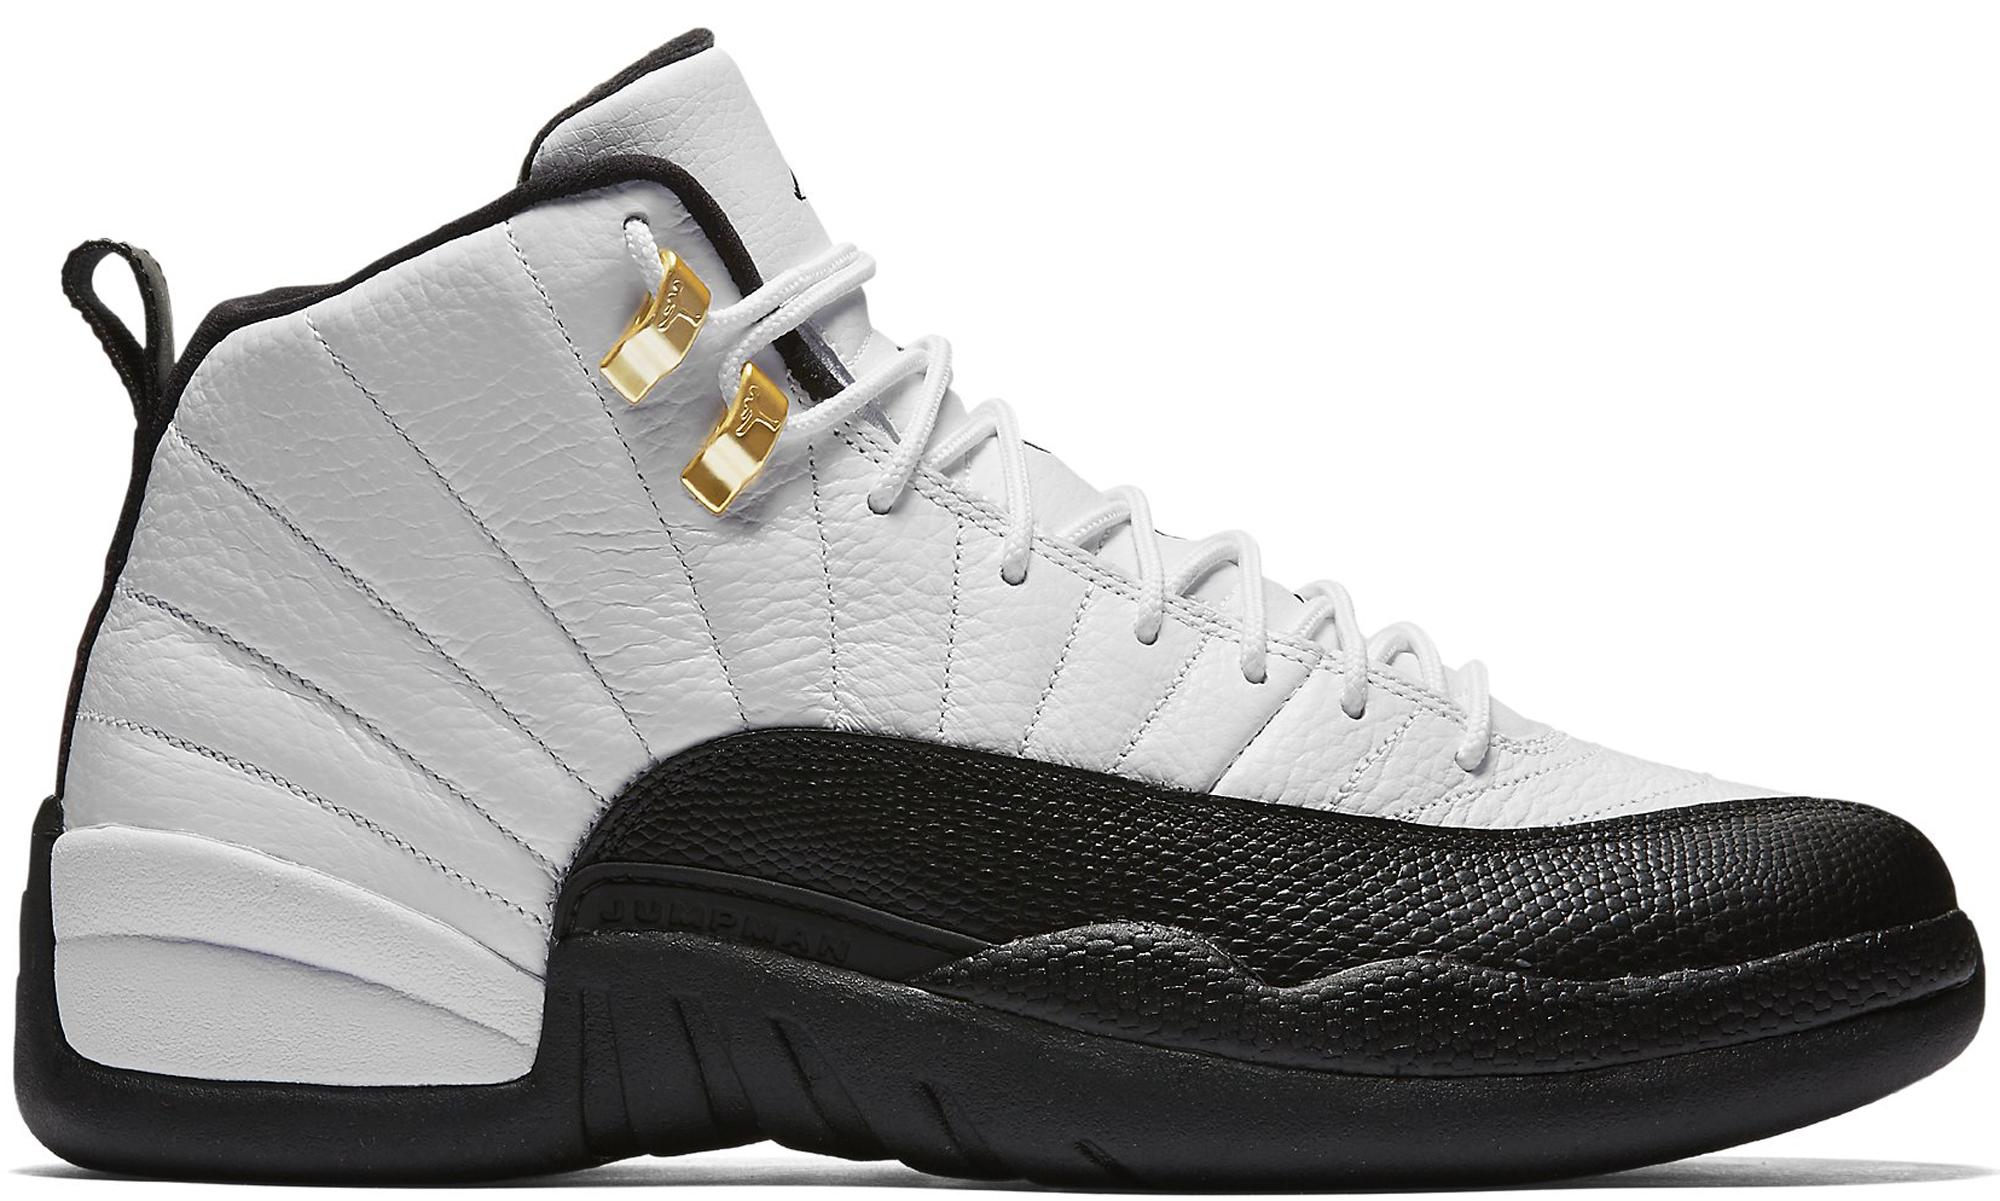 best sneakers 068c3 d4df4 Air Jordan 12 Taxi 2018